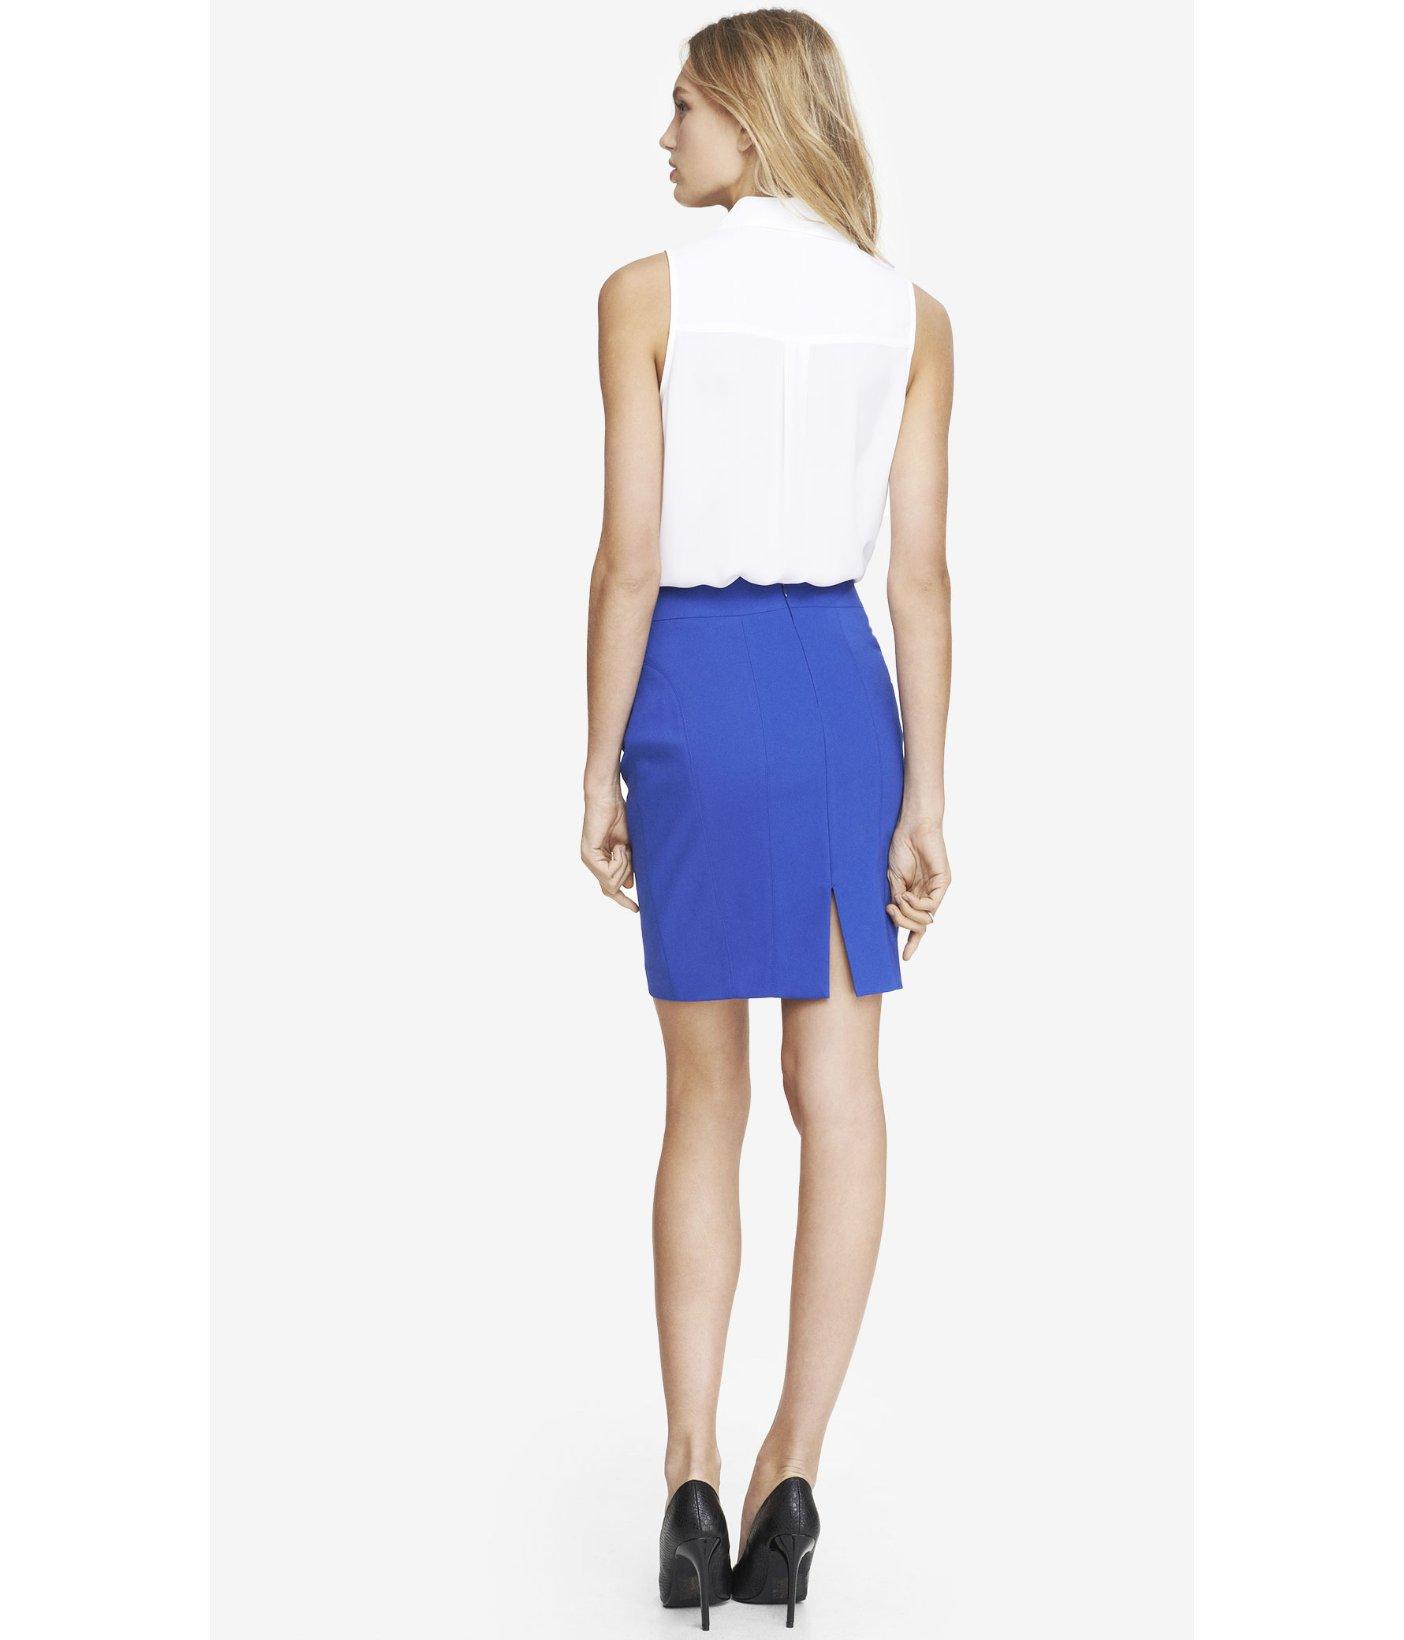 express high waist seamed pencil skirt blue in blue